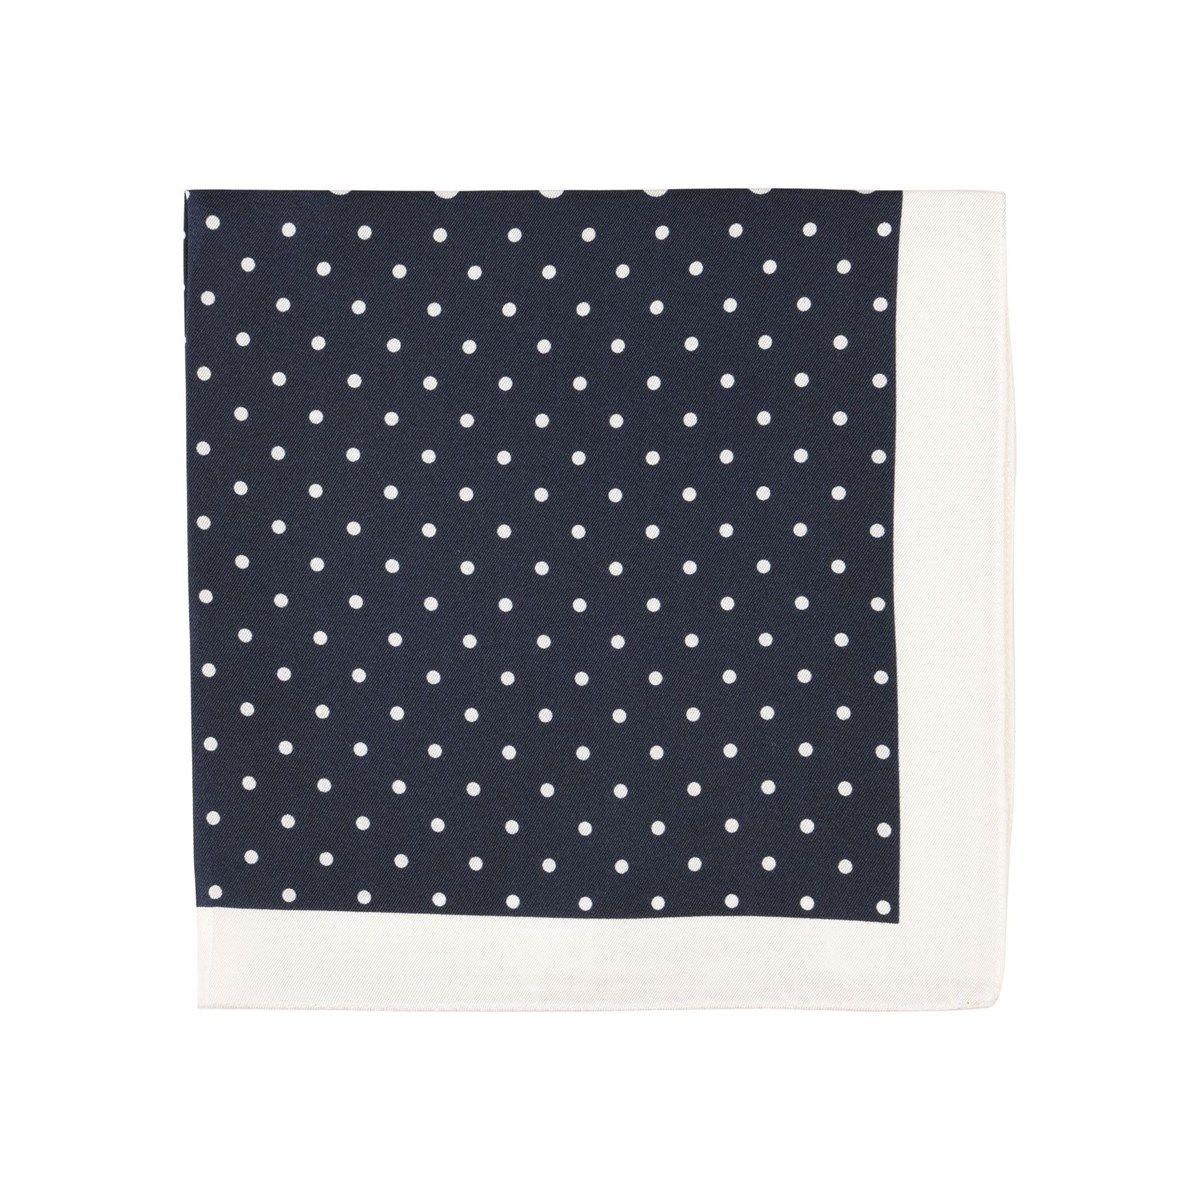 Pochette costume imprimé 4 pois en soie